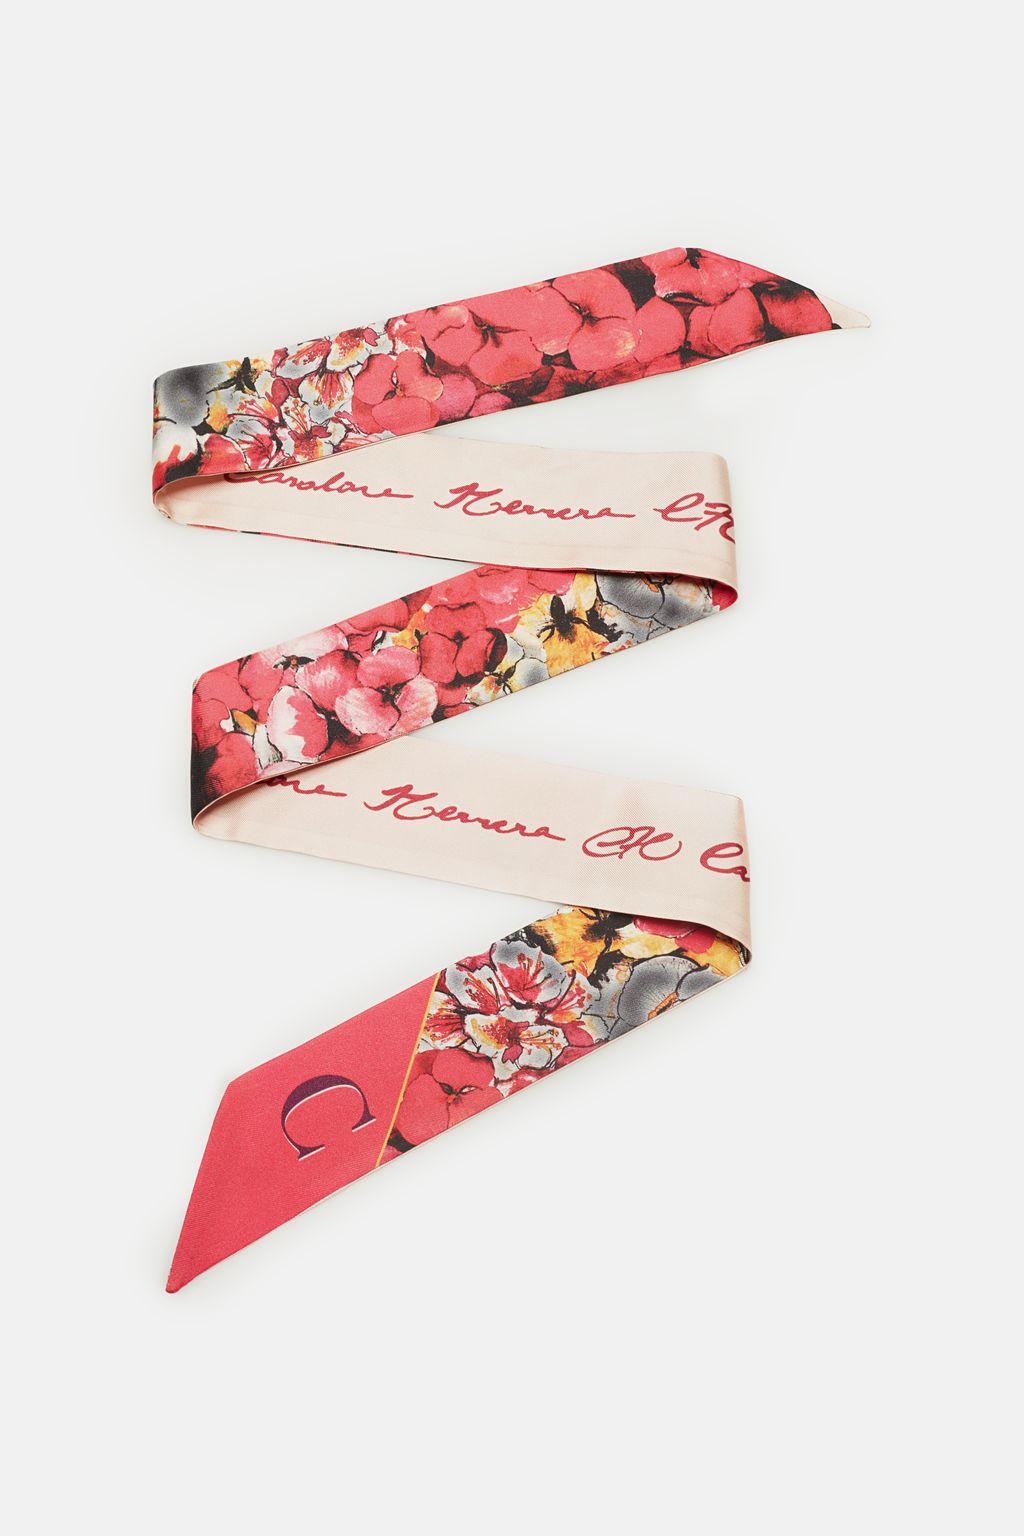 Bouquet ABCH bandana